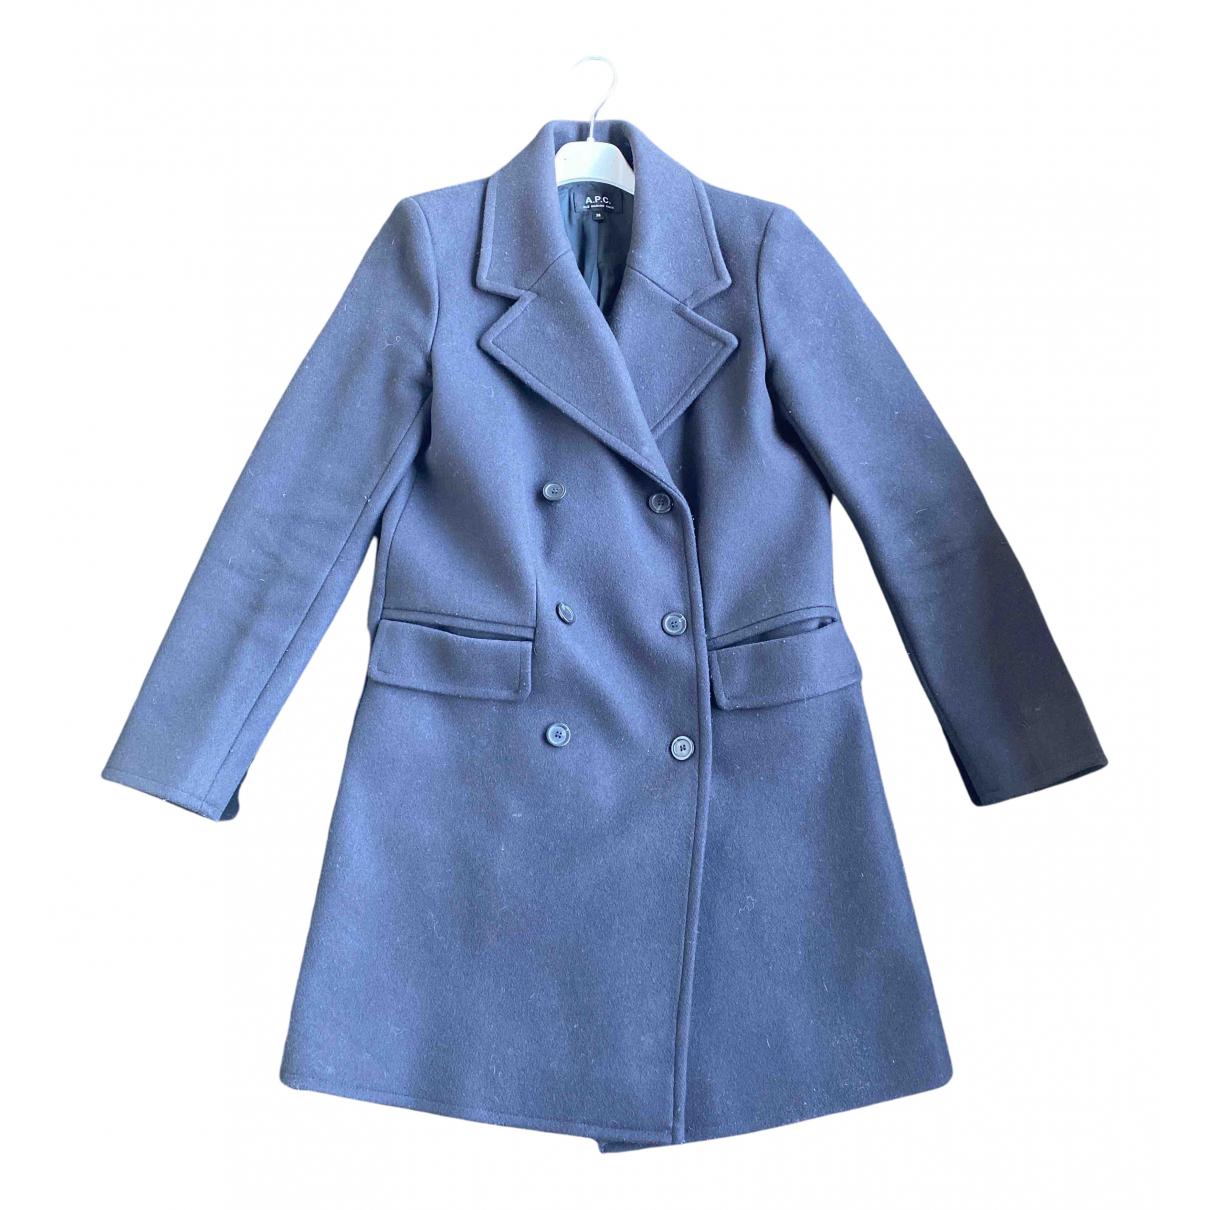 Apc - Manteau   pour femme en laine - bleu